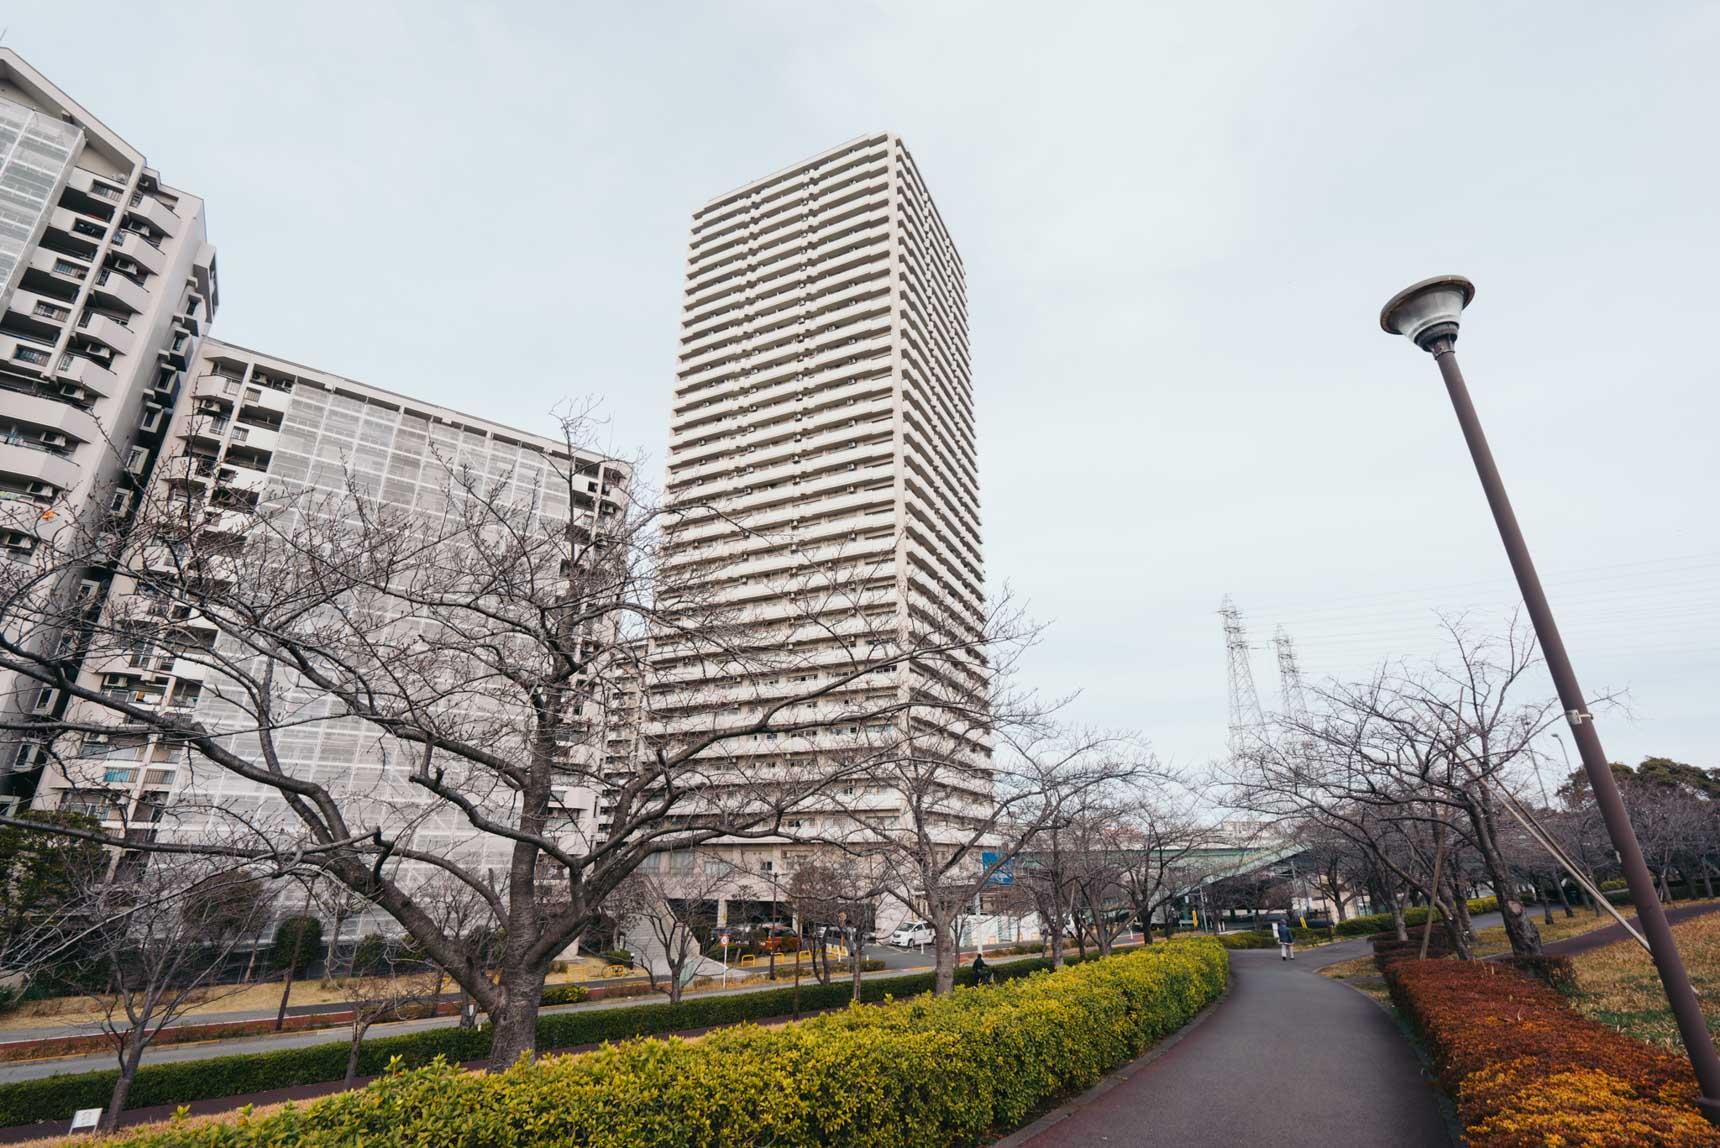 東大島駅の周辺に開発され、お部屋までも駅徒歩3分という近さの「小松川グリーンタウン セーラ小松川」